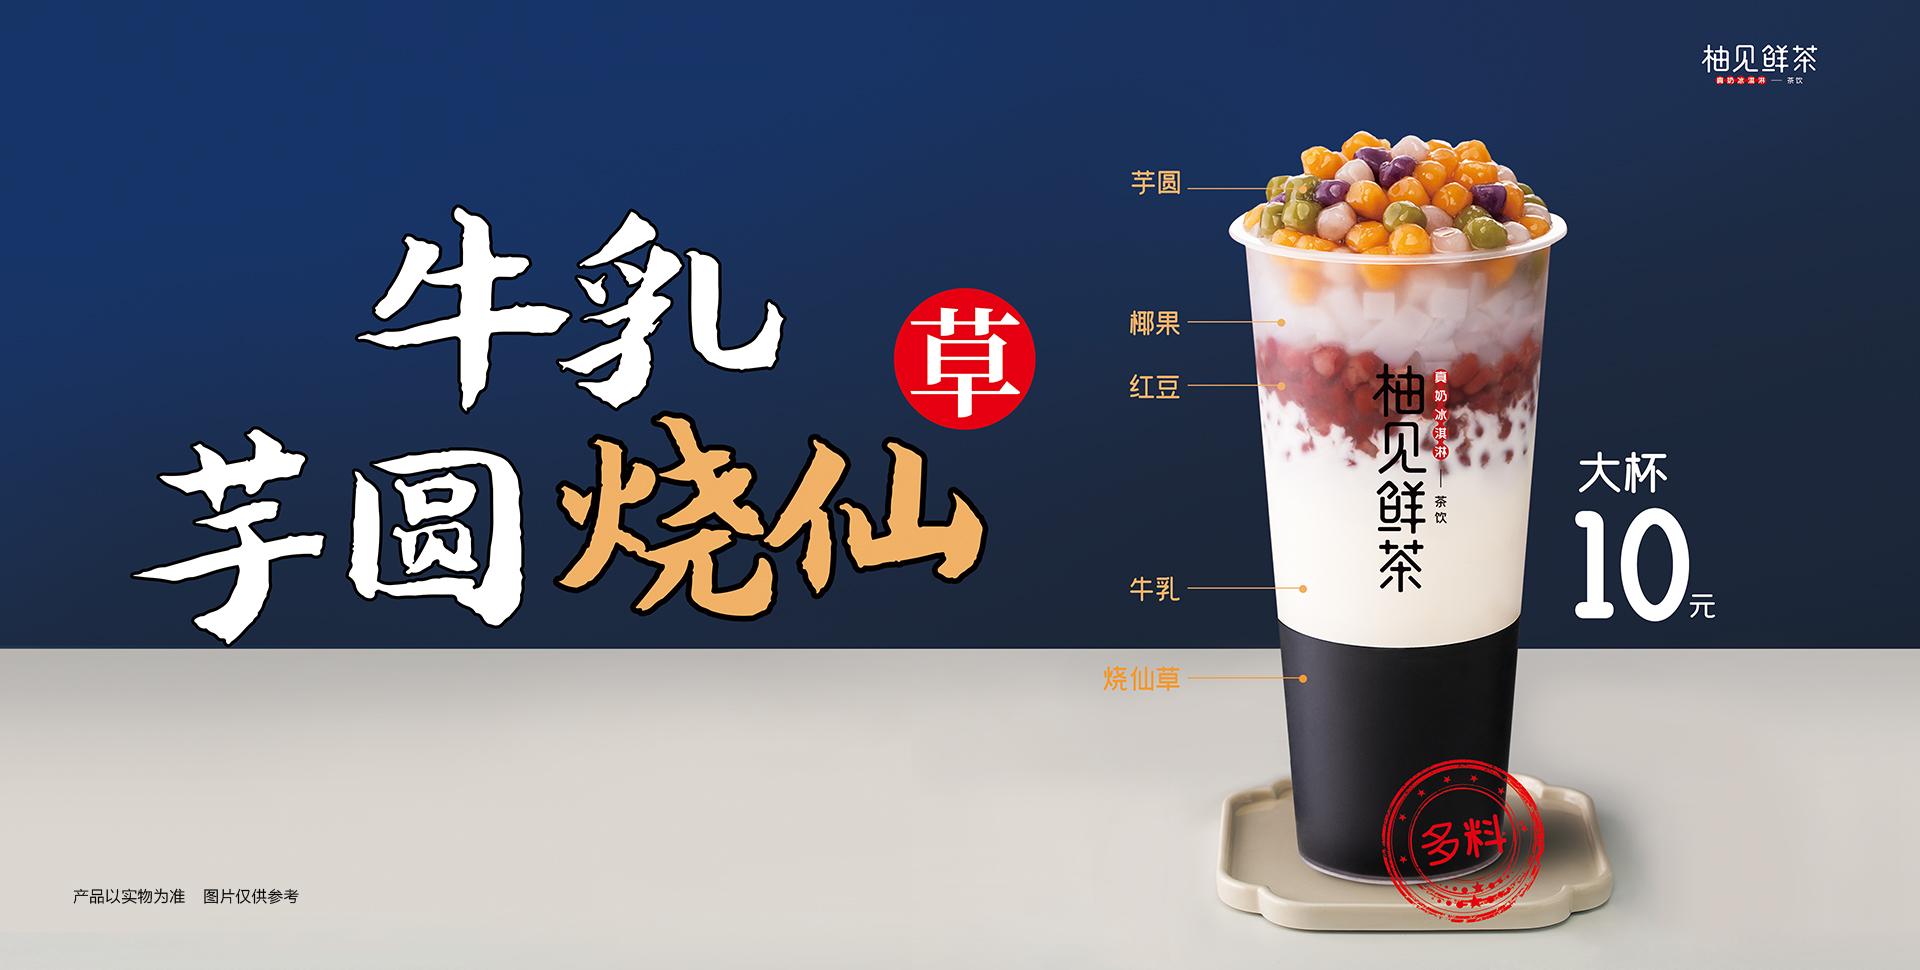 柚见鲜茶加盟